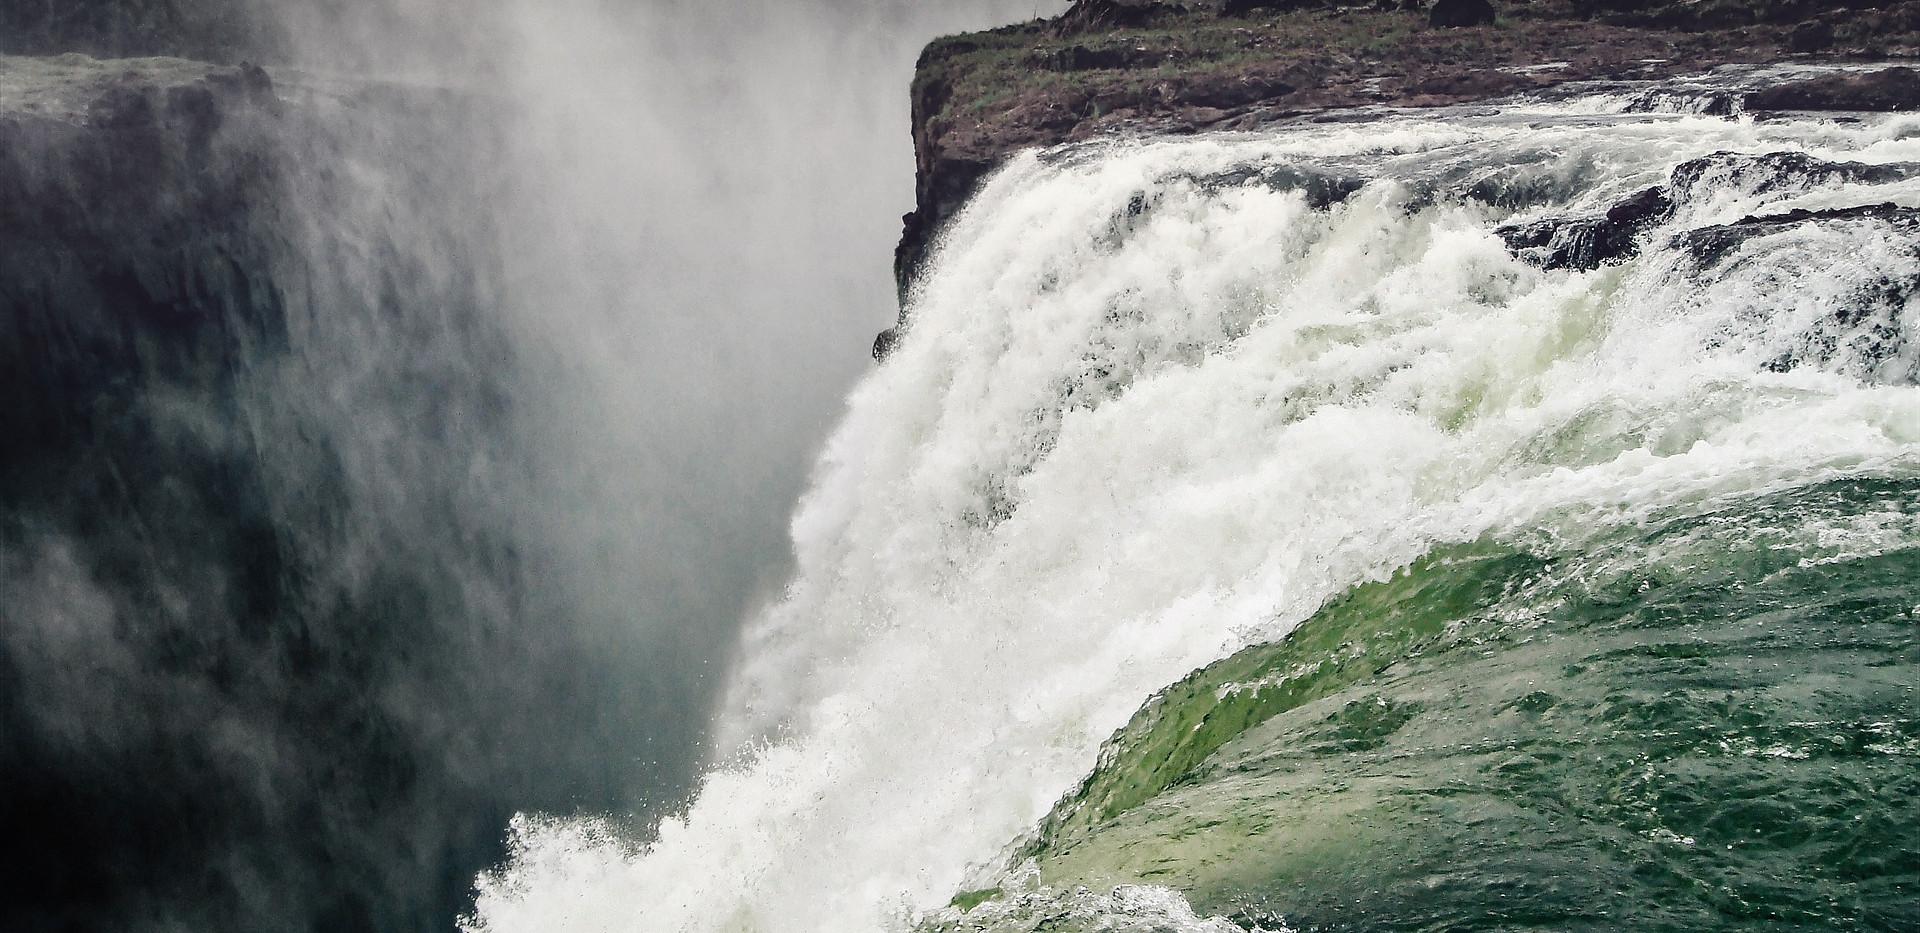 Zambie_waterfall